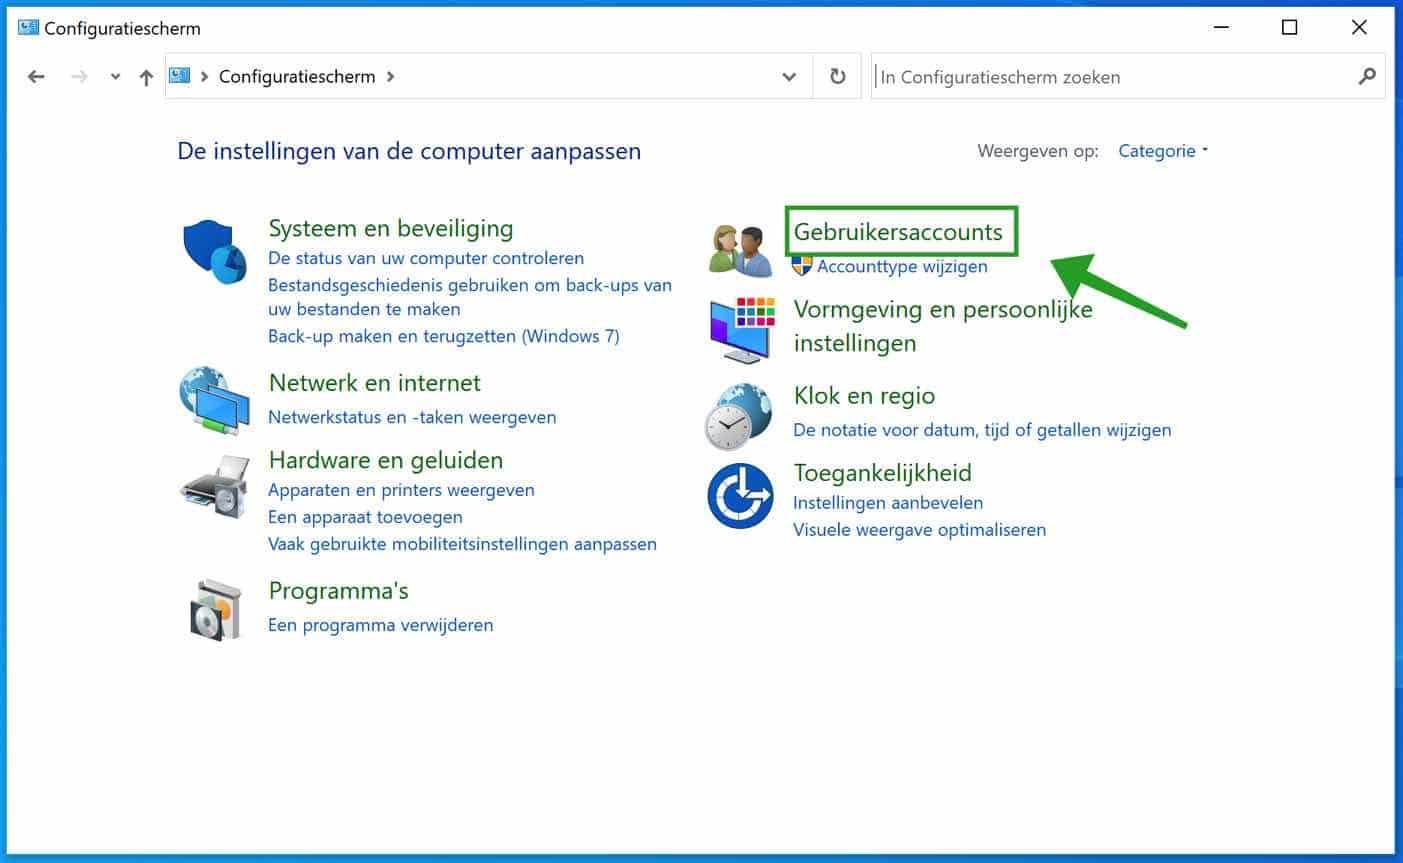 Gebruikersaccounts configuratiescherm